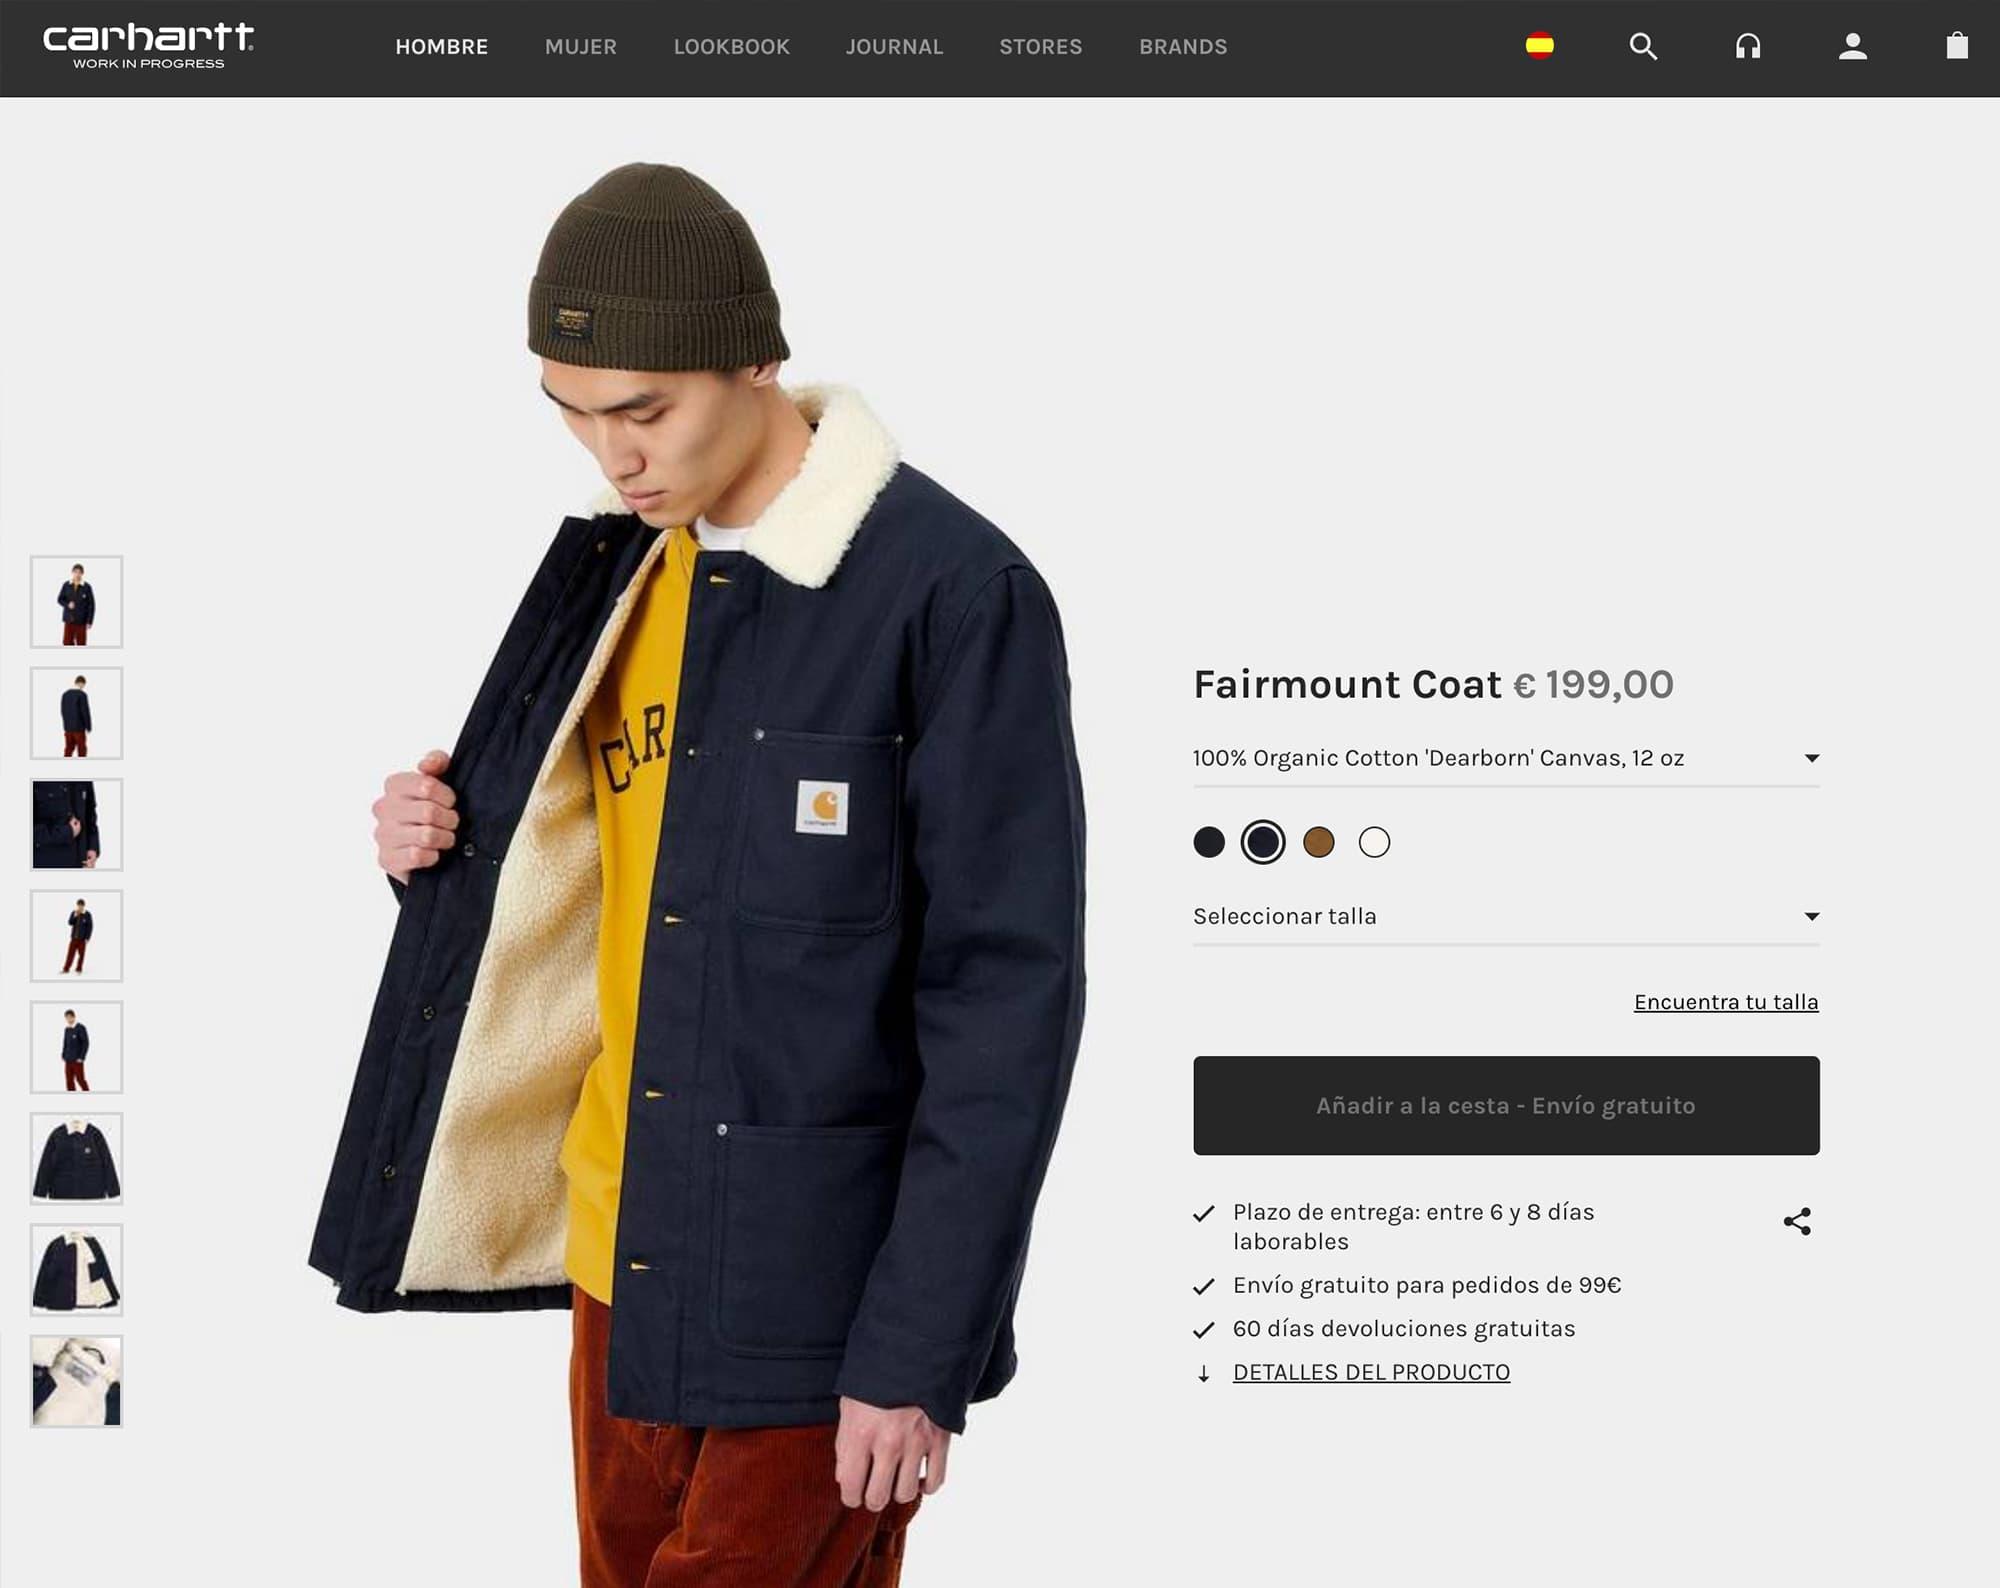 Ejemplo de cross selling en tienda online